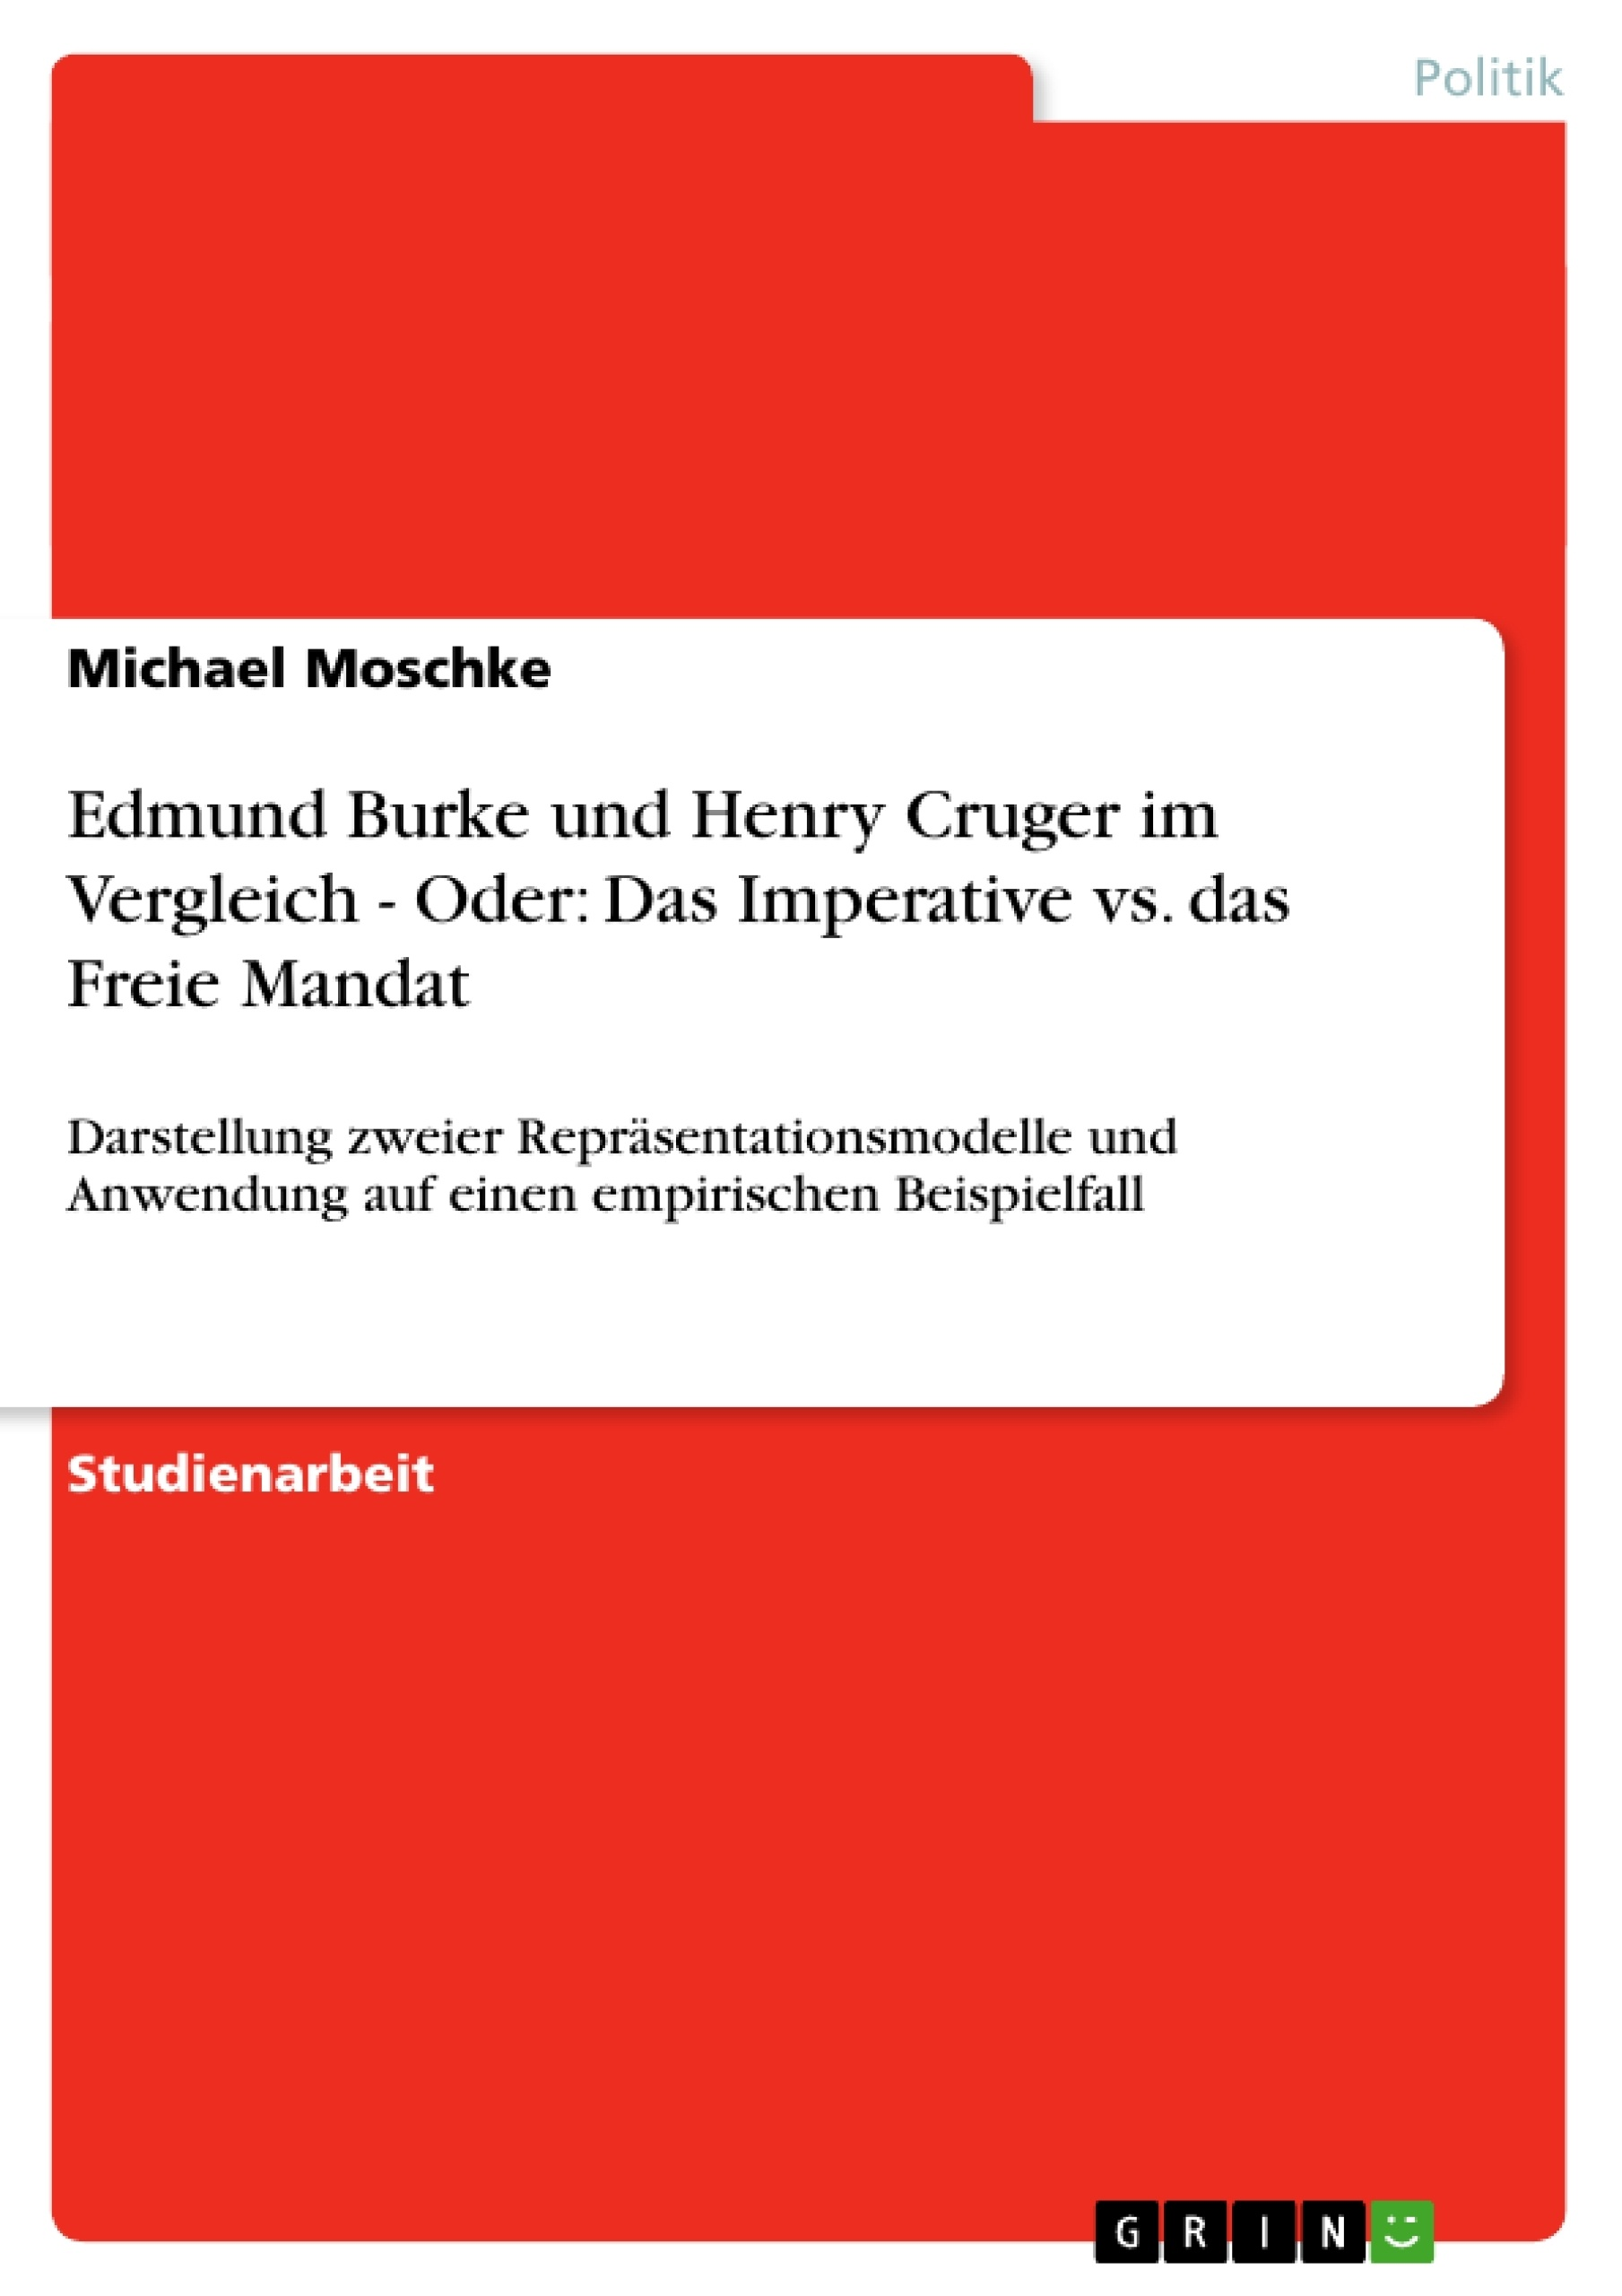 Titel: Edmund Burke und Henry Cruger im Vergleich - Oder: Das Imperative vs. das Freie Mandat